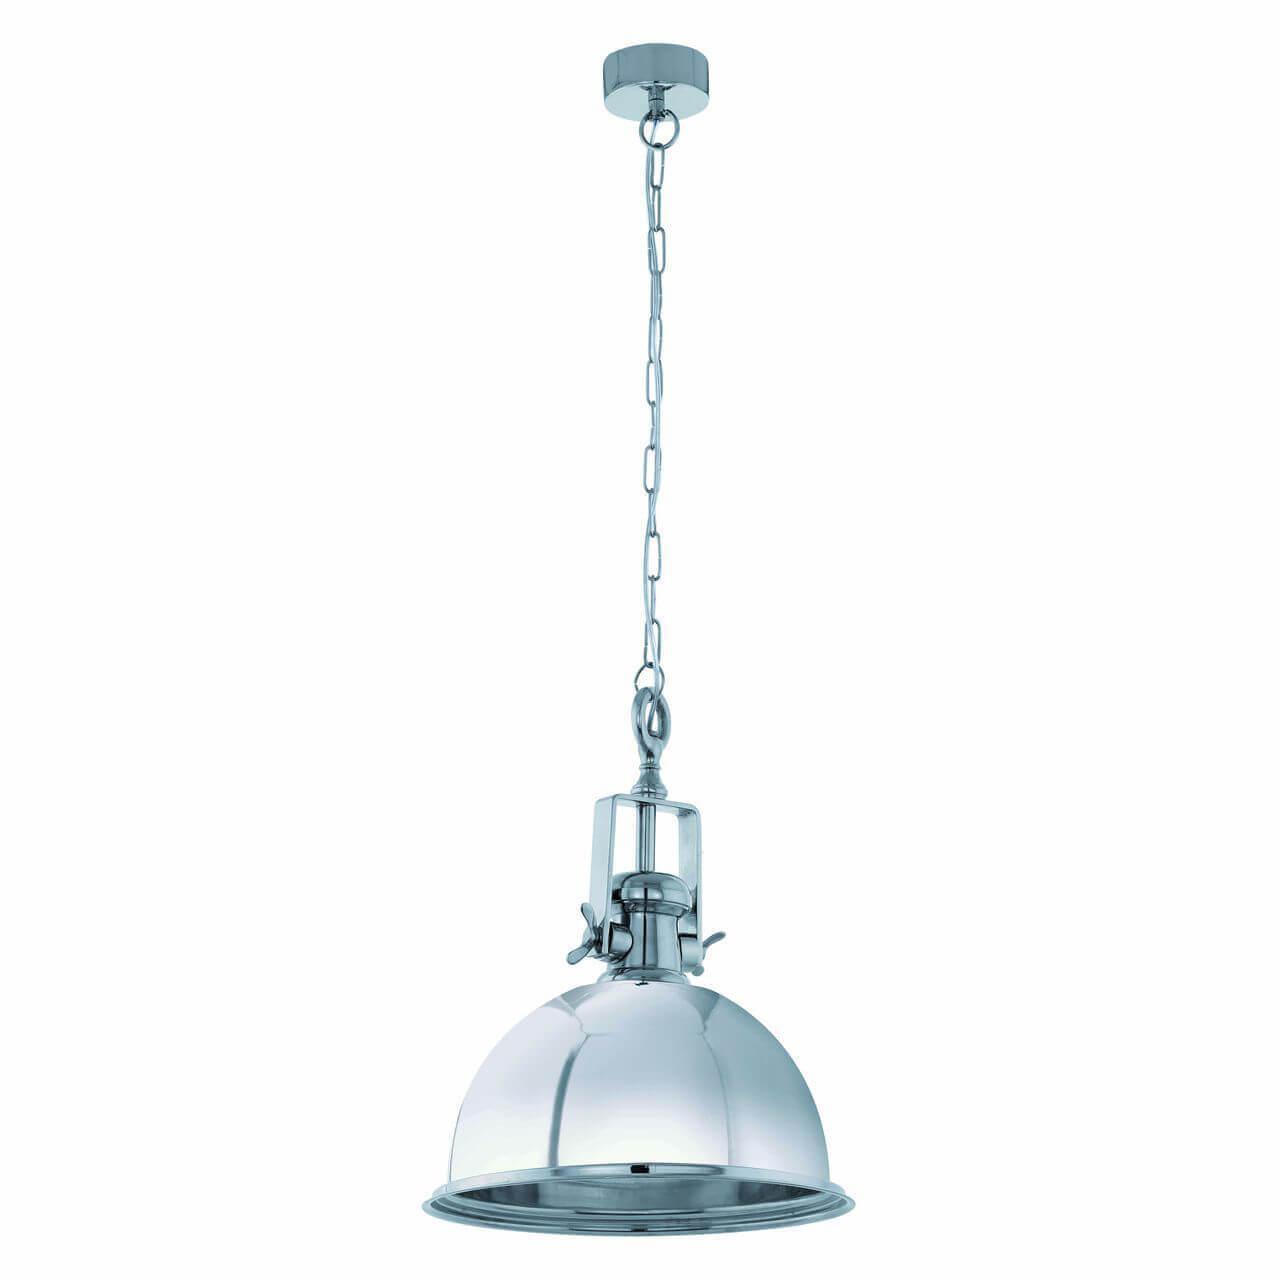 купить Подвесной светильник Eglo Grantham 49179 недорого